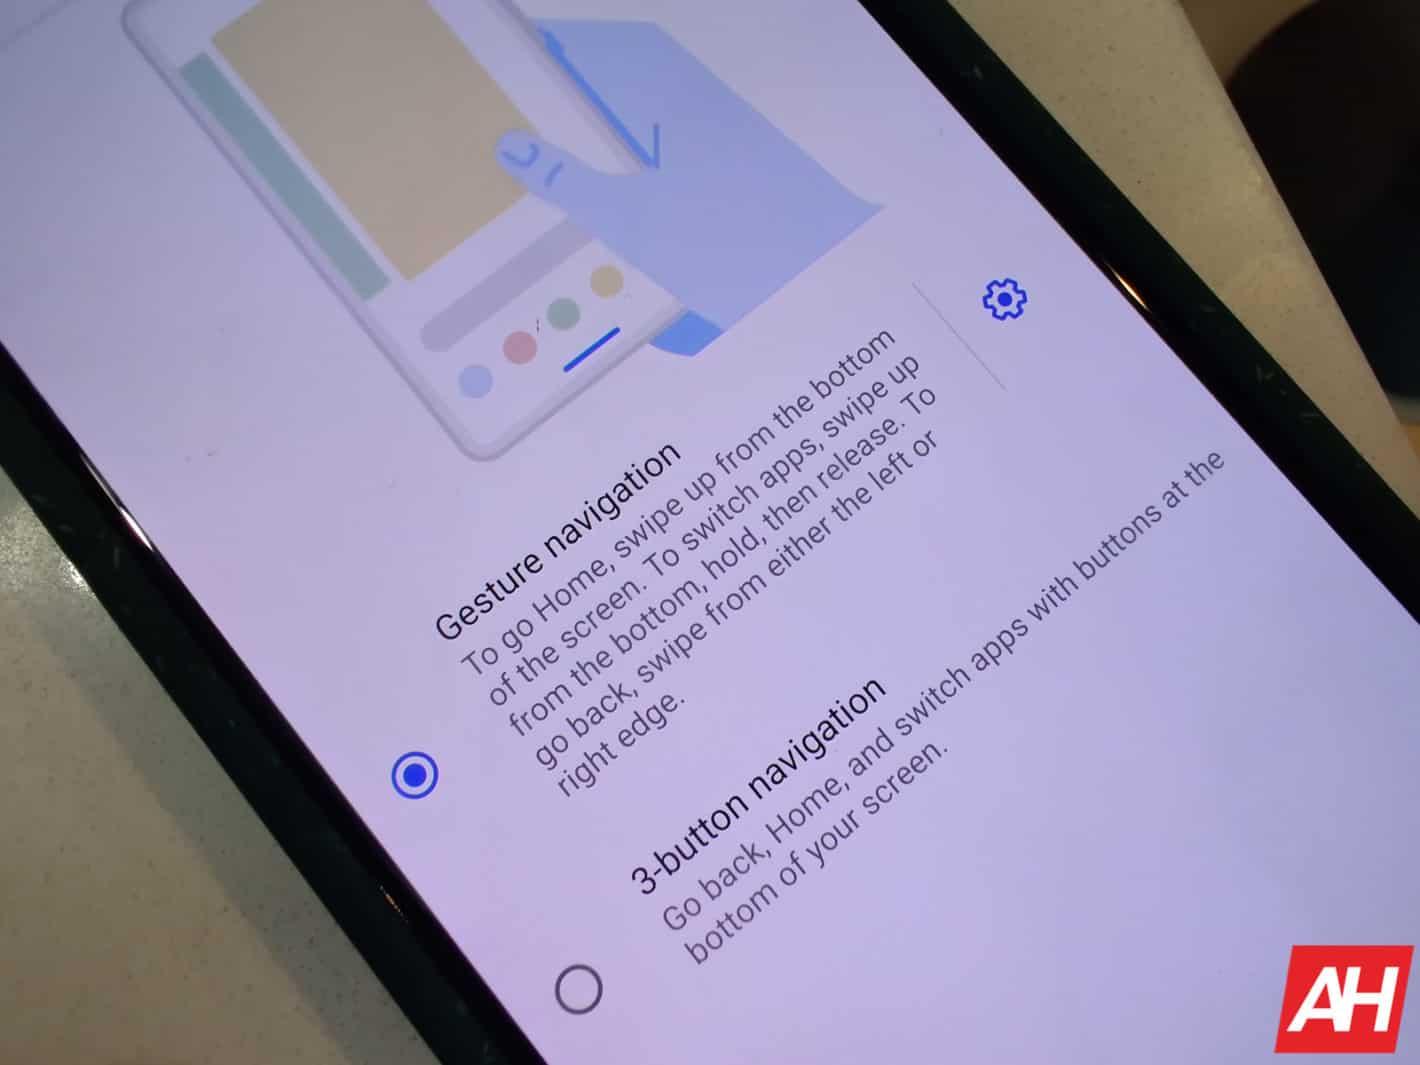 Google Pixel 4 Navigation AM AH 1